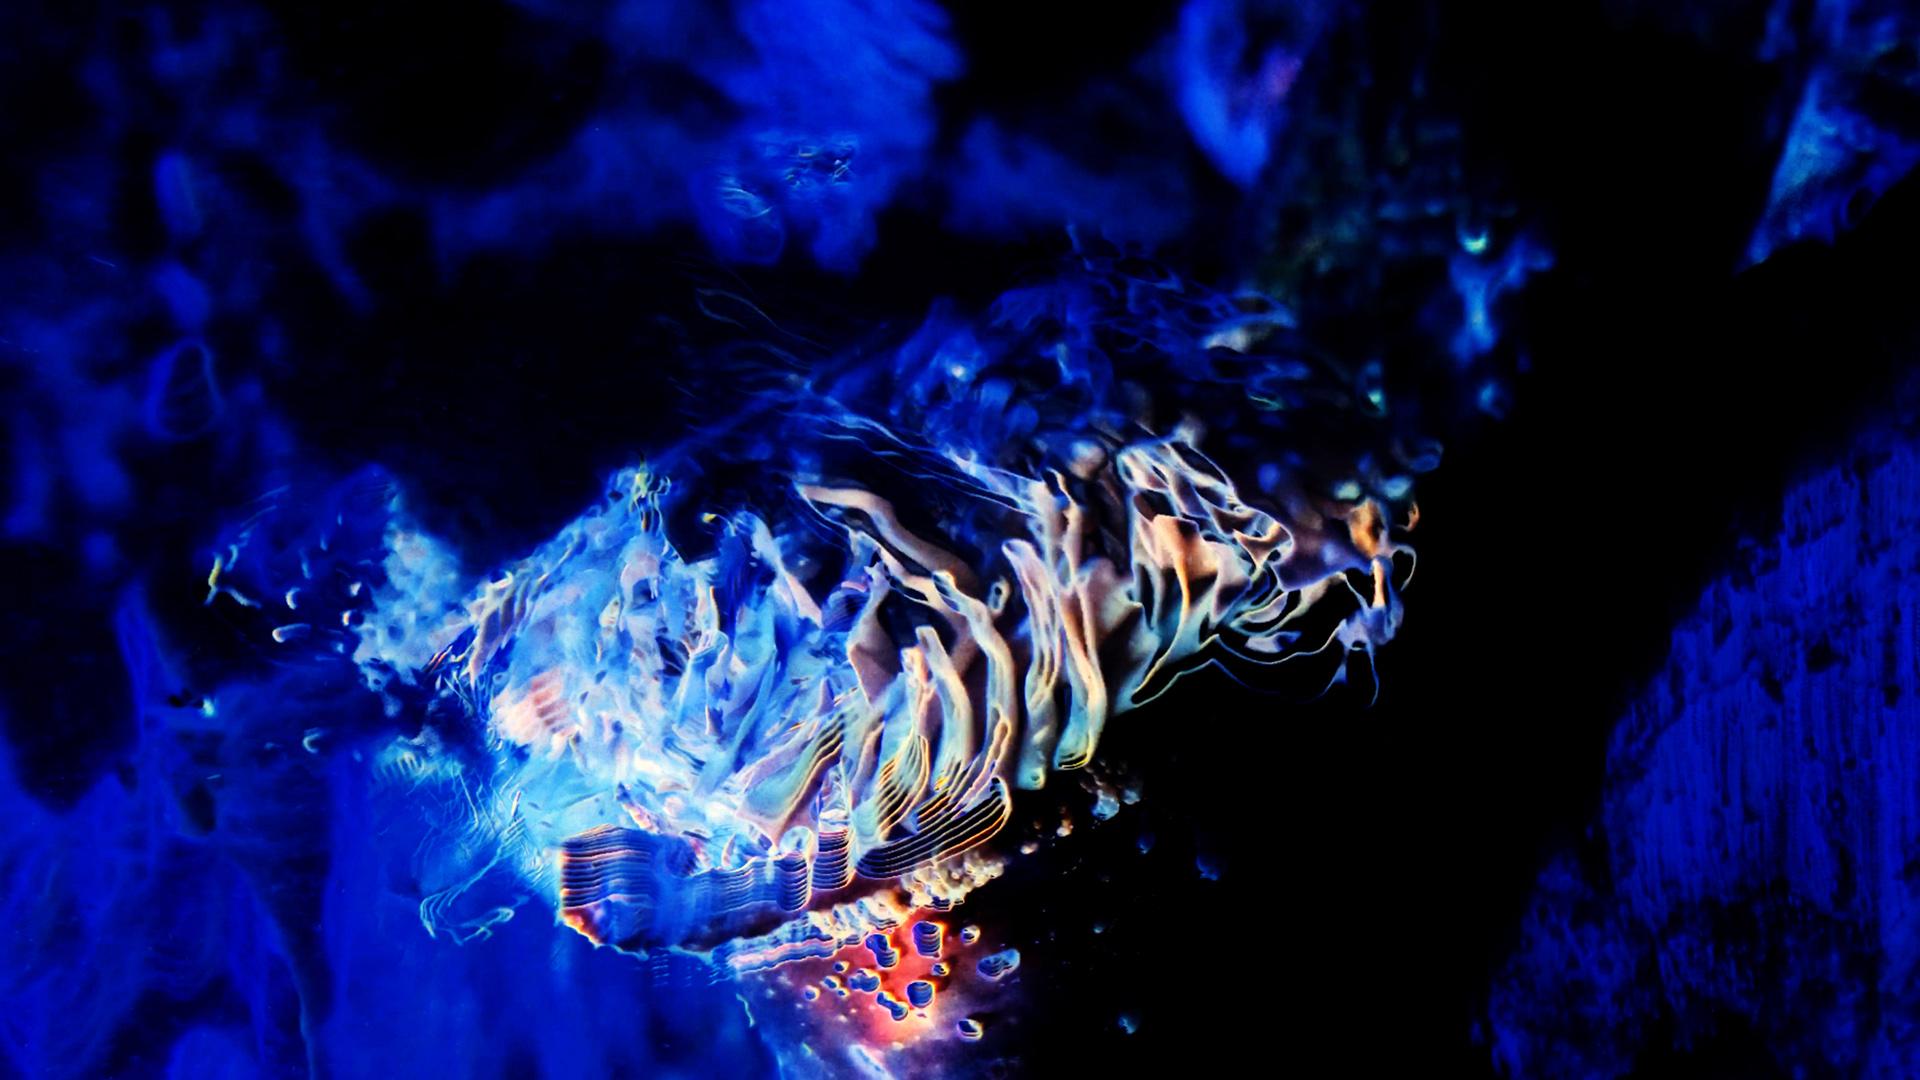 Nat Urazmetova - Submergence Live AV 10.jpg